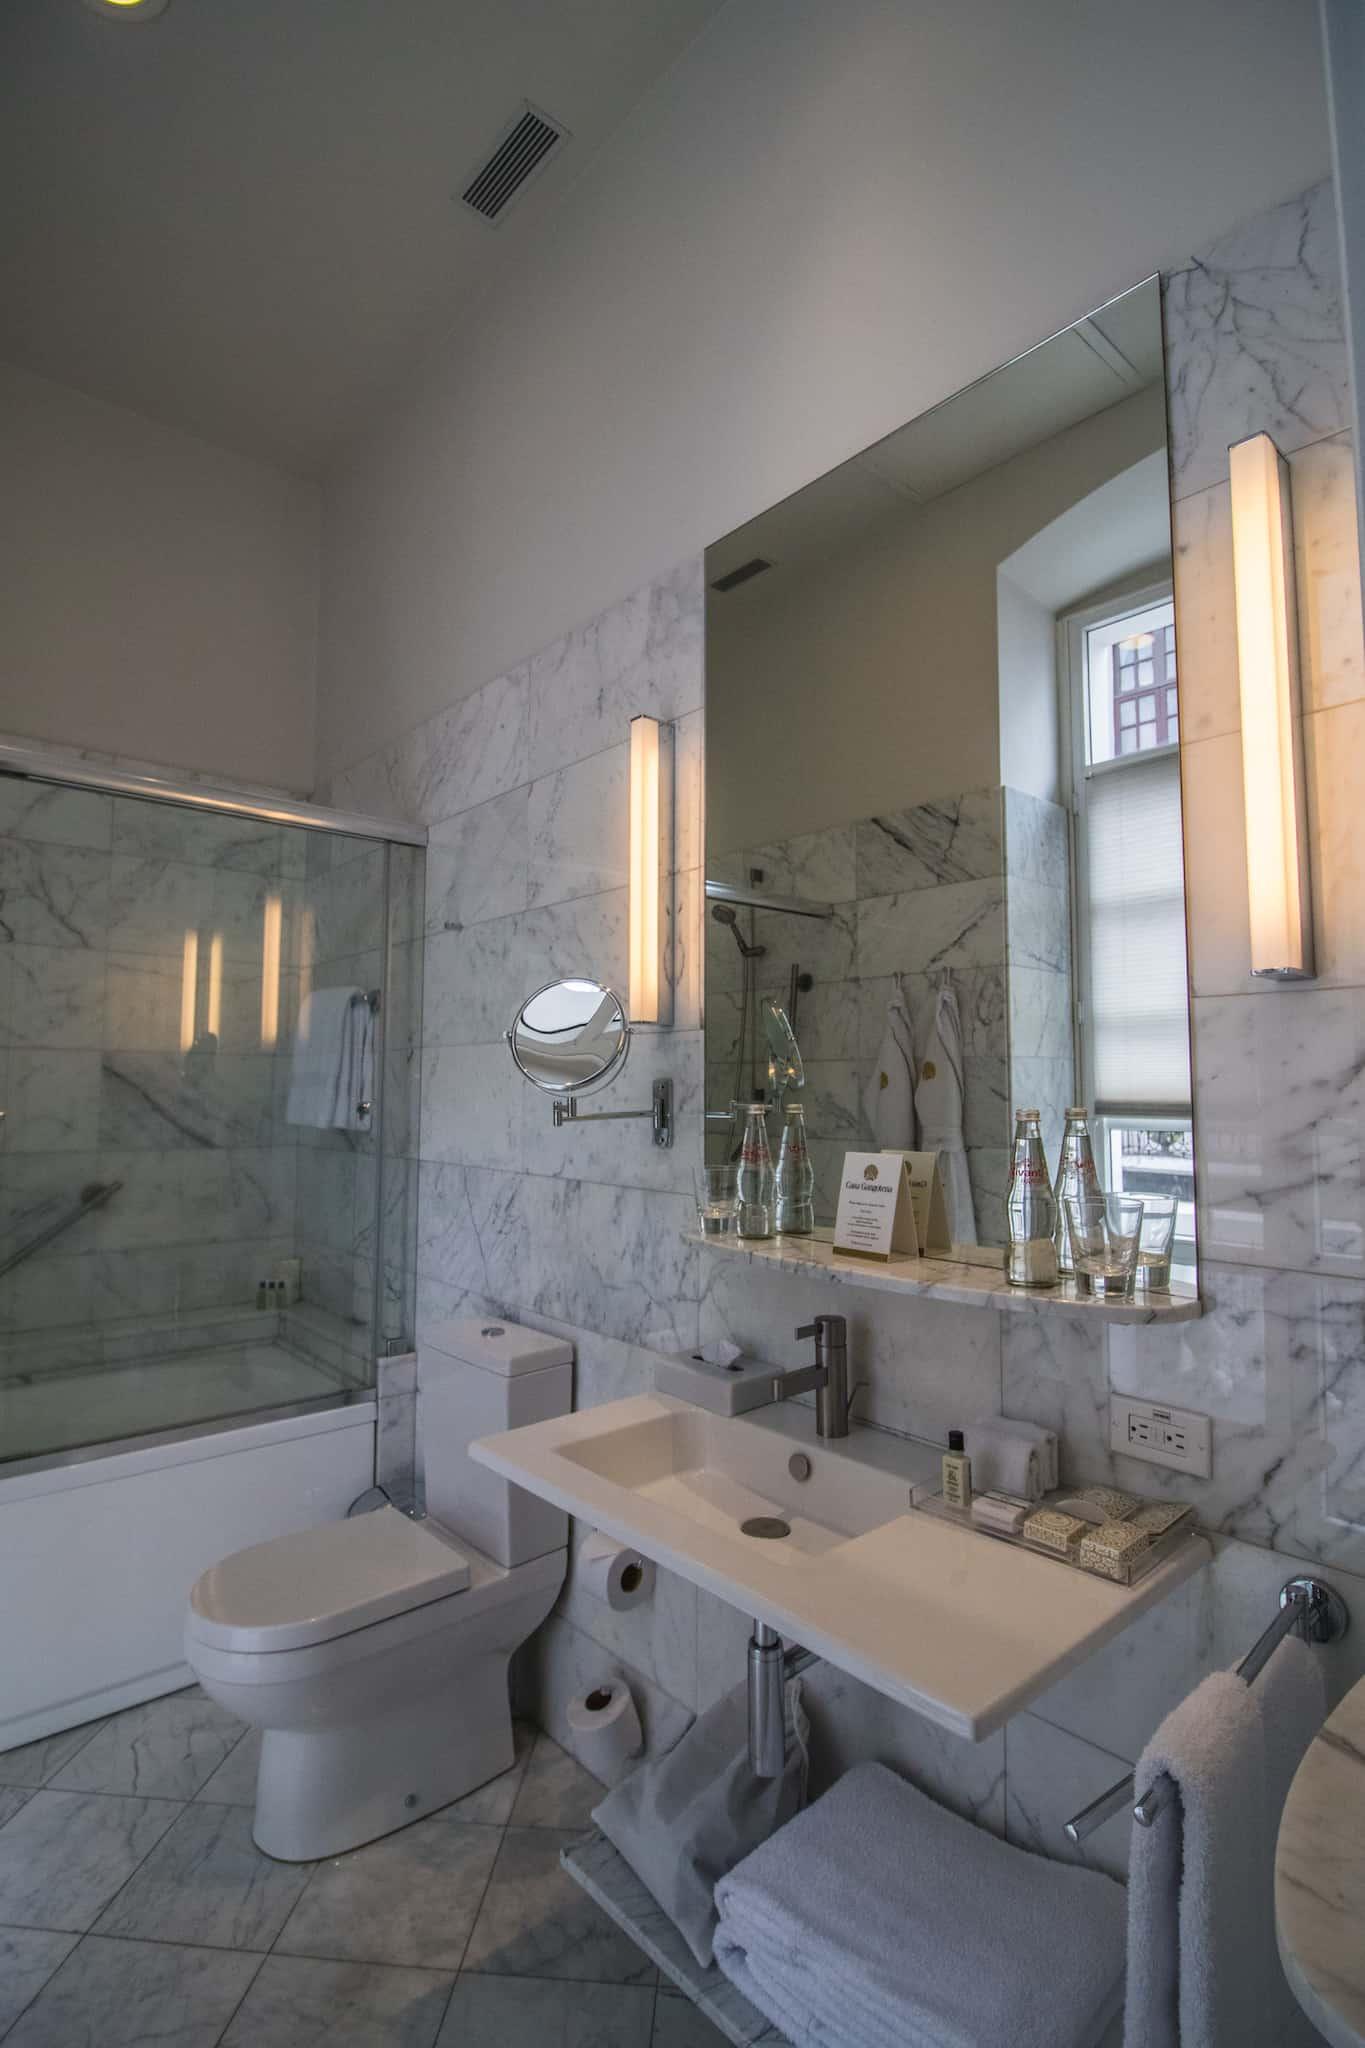 Quito - Casa Gangotena - Bathroom